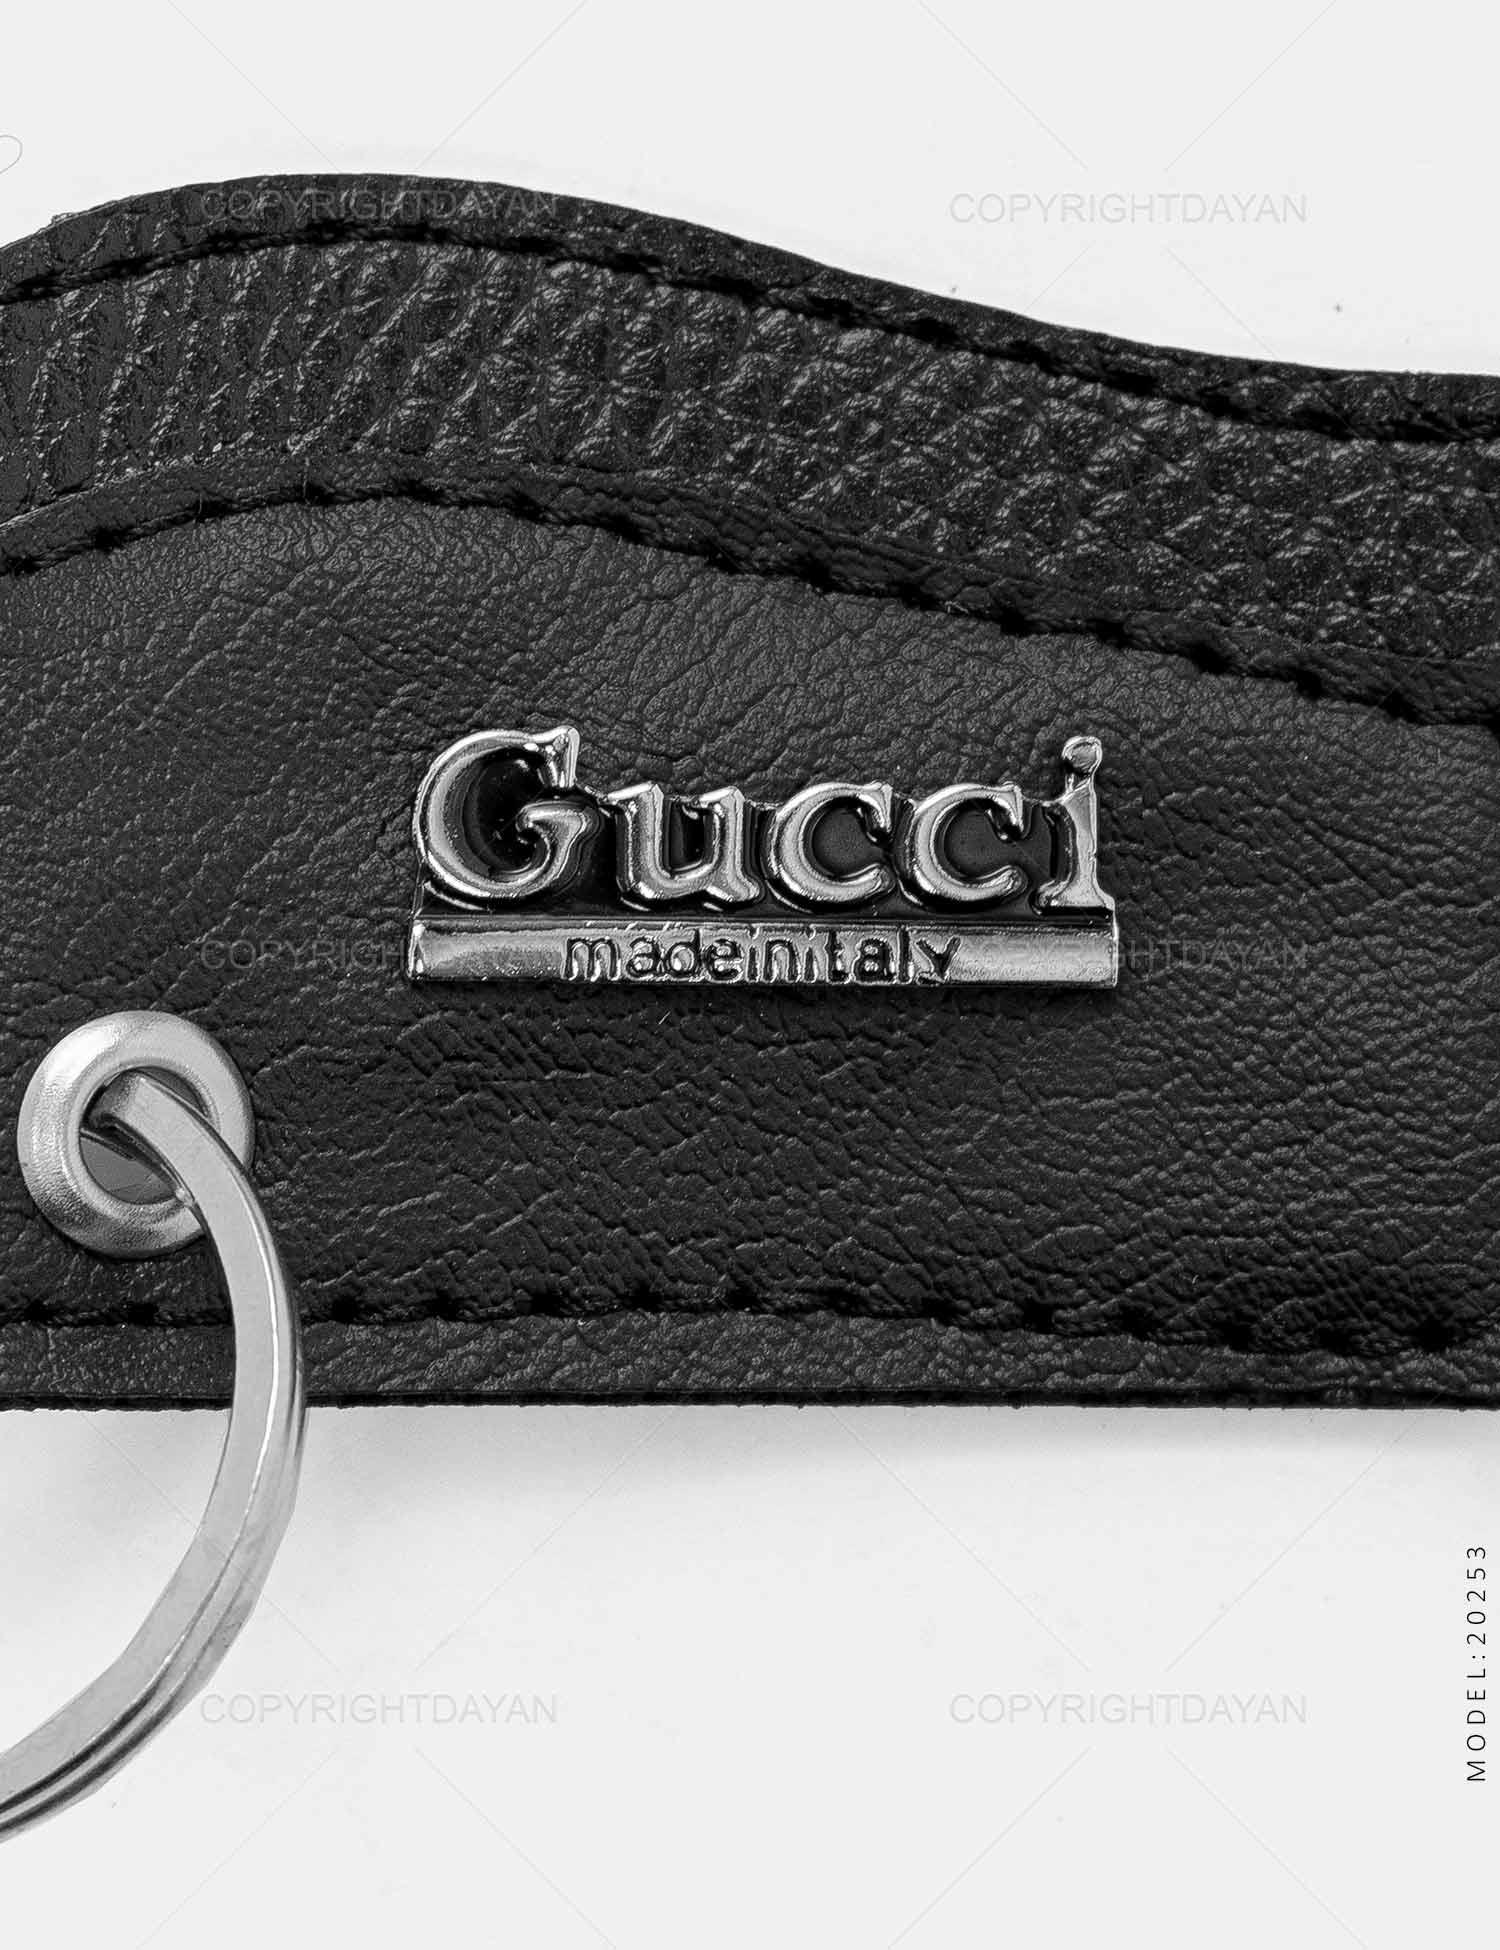 ست چرمی Gucci مدل 20253